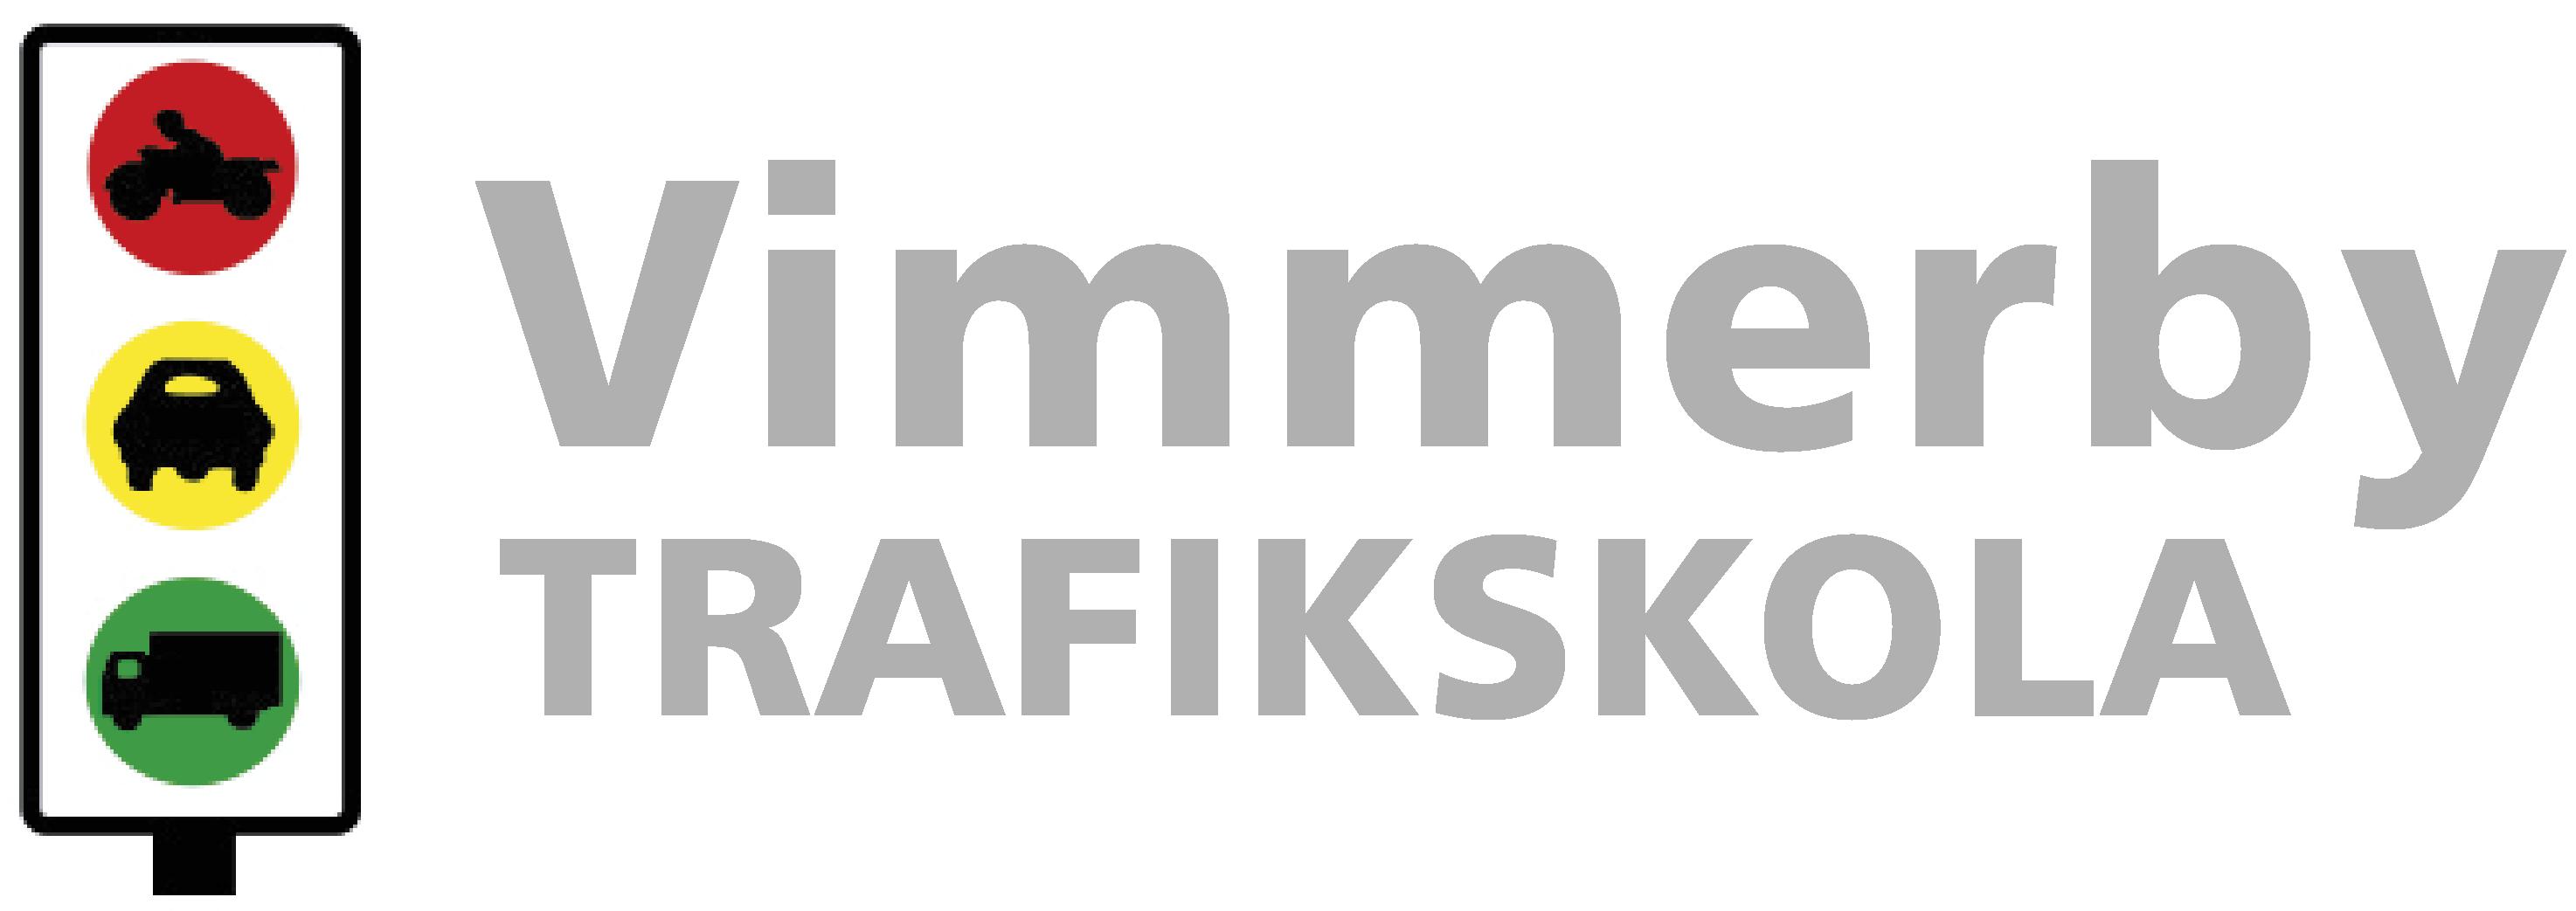 Vimmerby trafikskola_ny logga_ljus